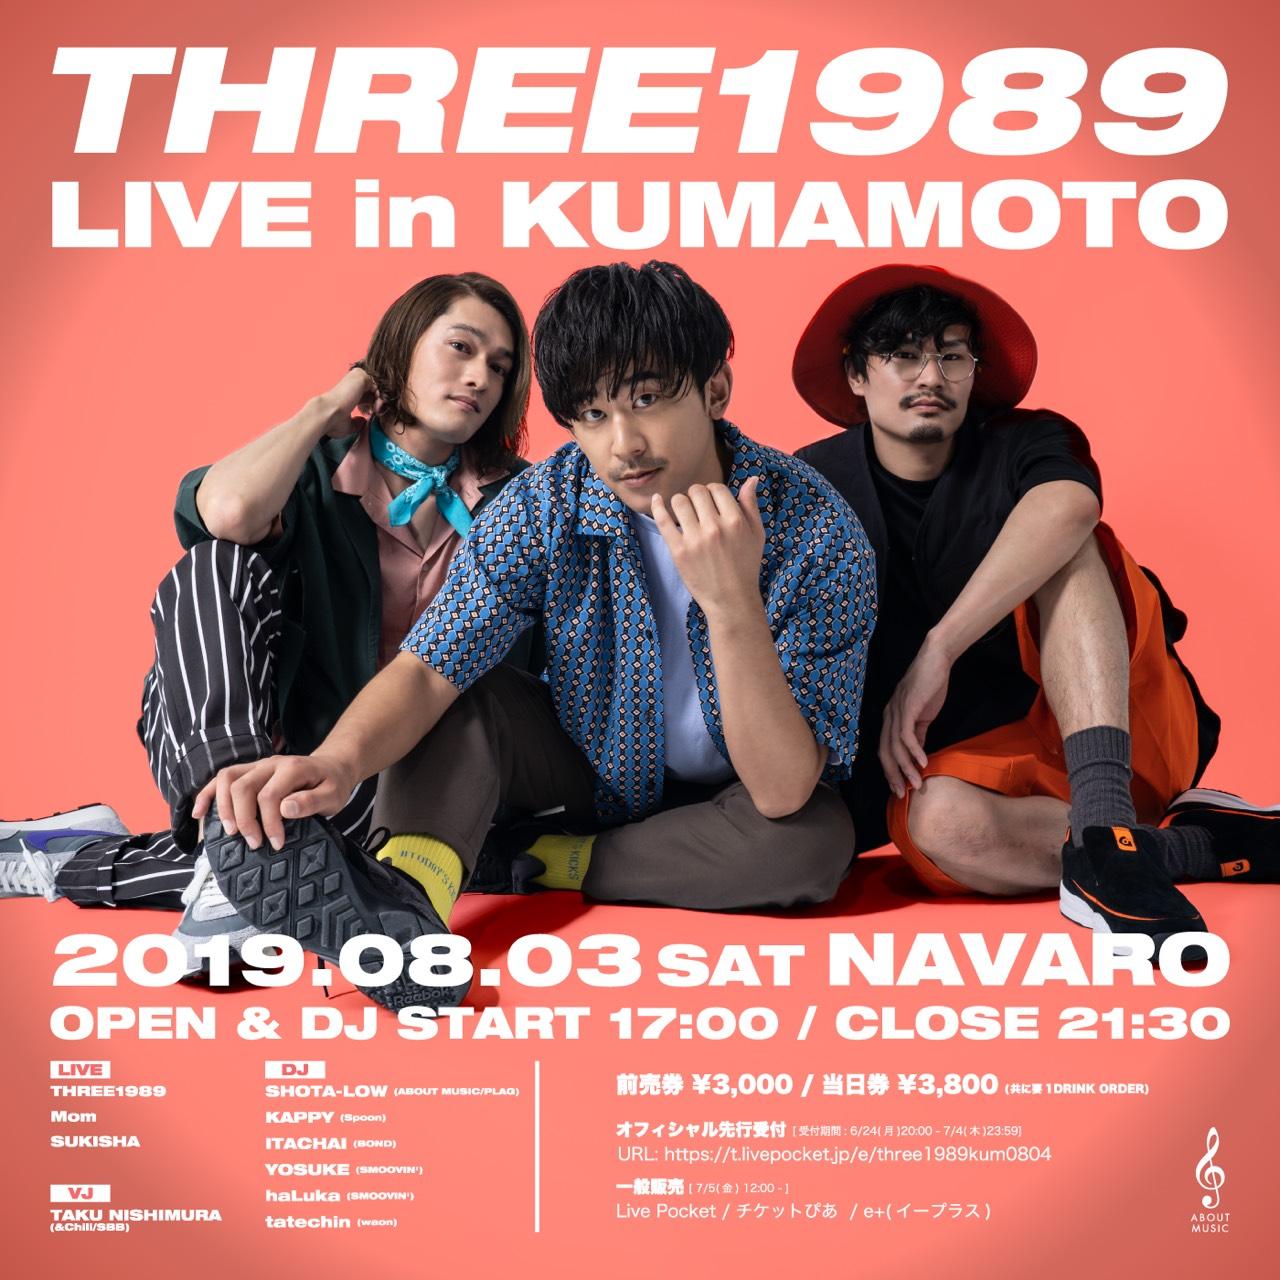 THREE1989 LIVE in KUMAMOTO